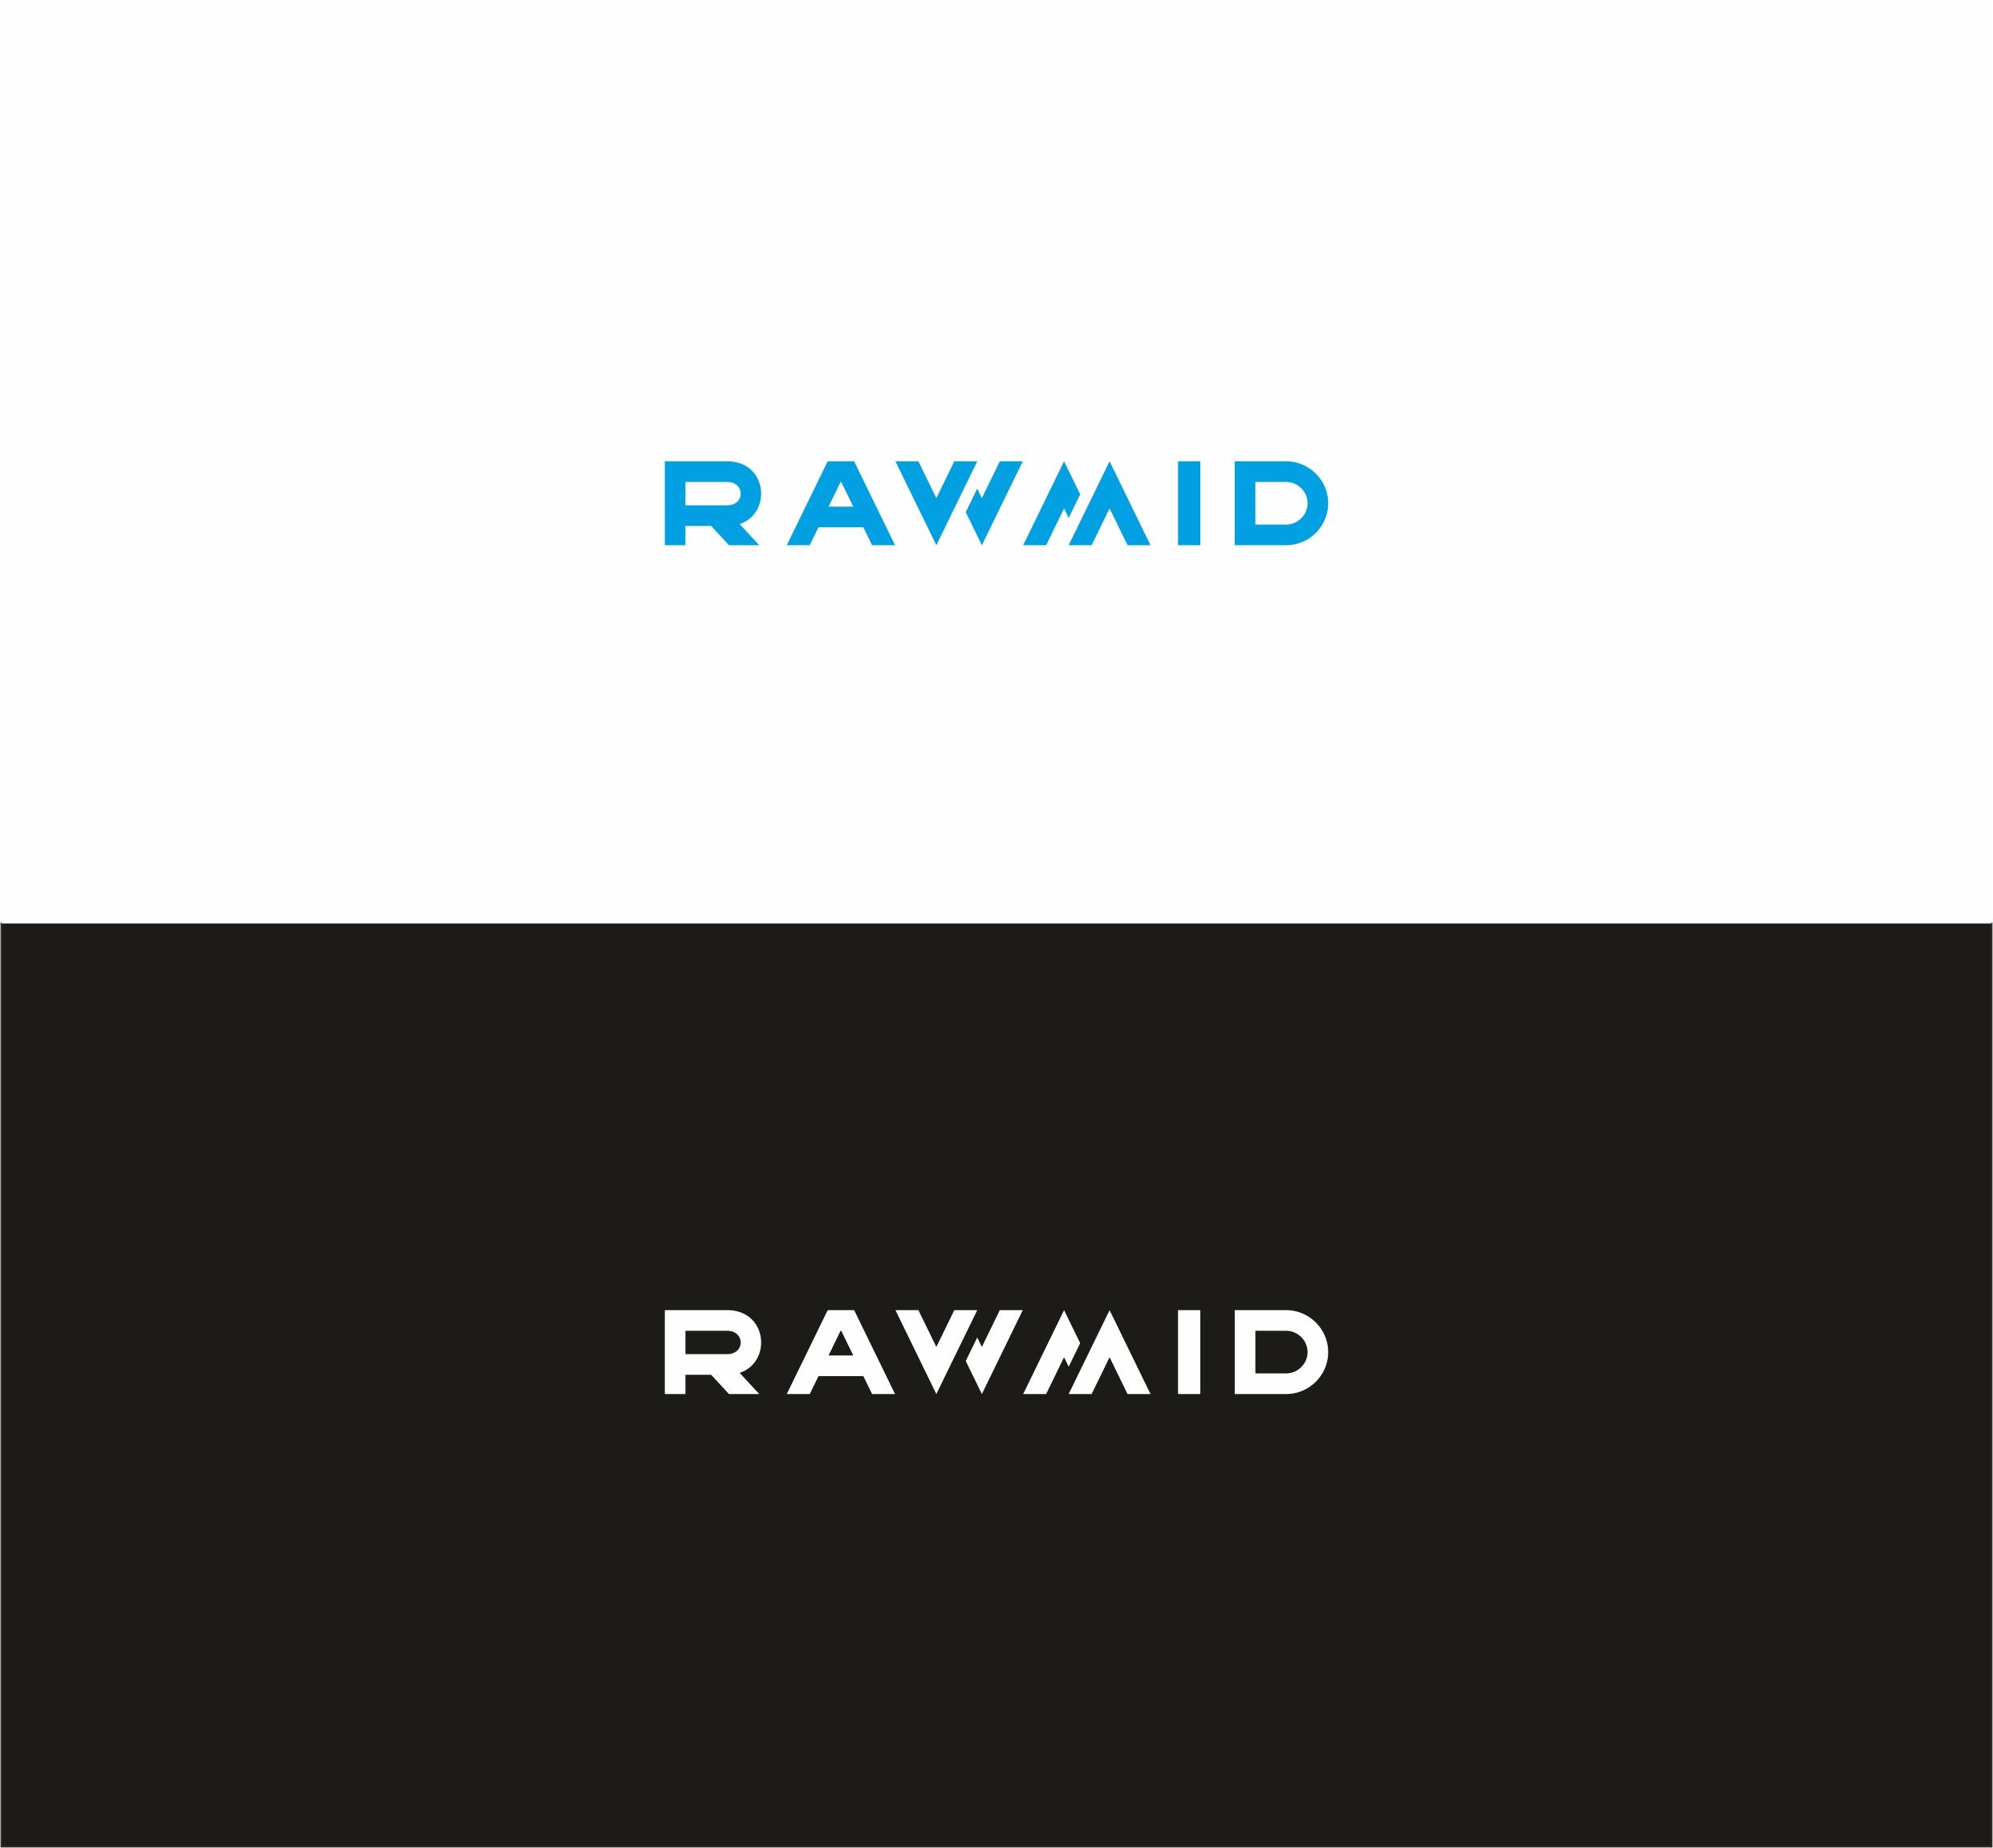 Создать логотип (буквенная часть) для бренда бытовой техники фото f_7265b33c8df56374.jpg